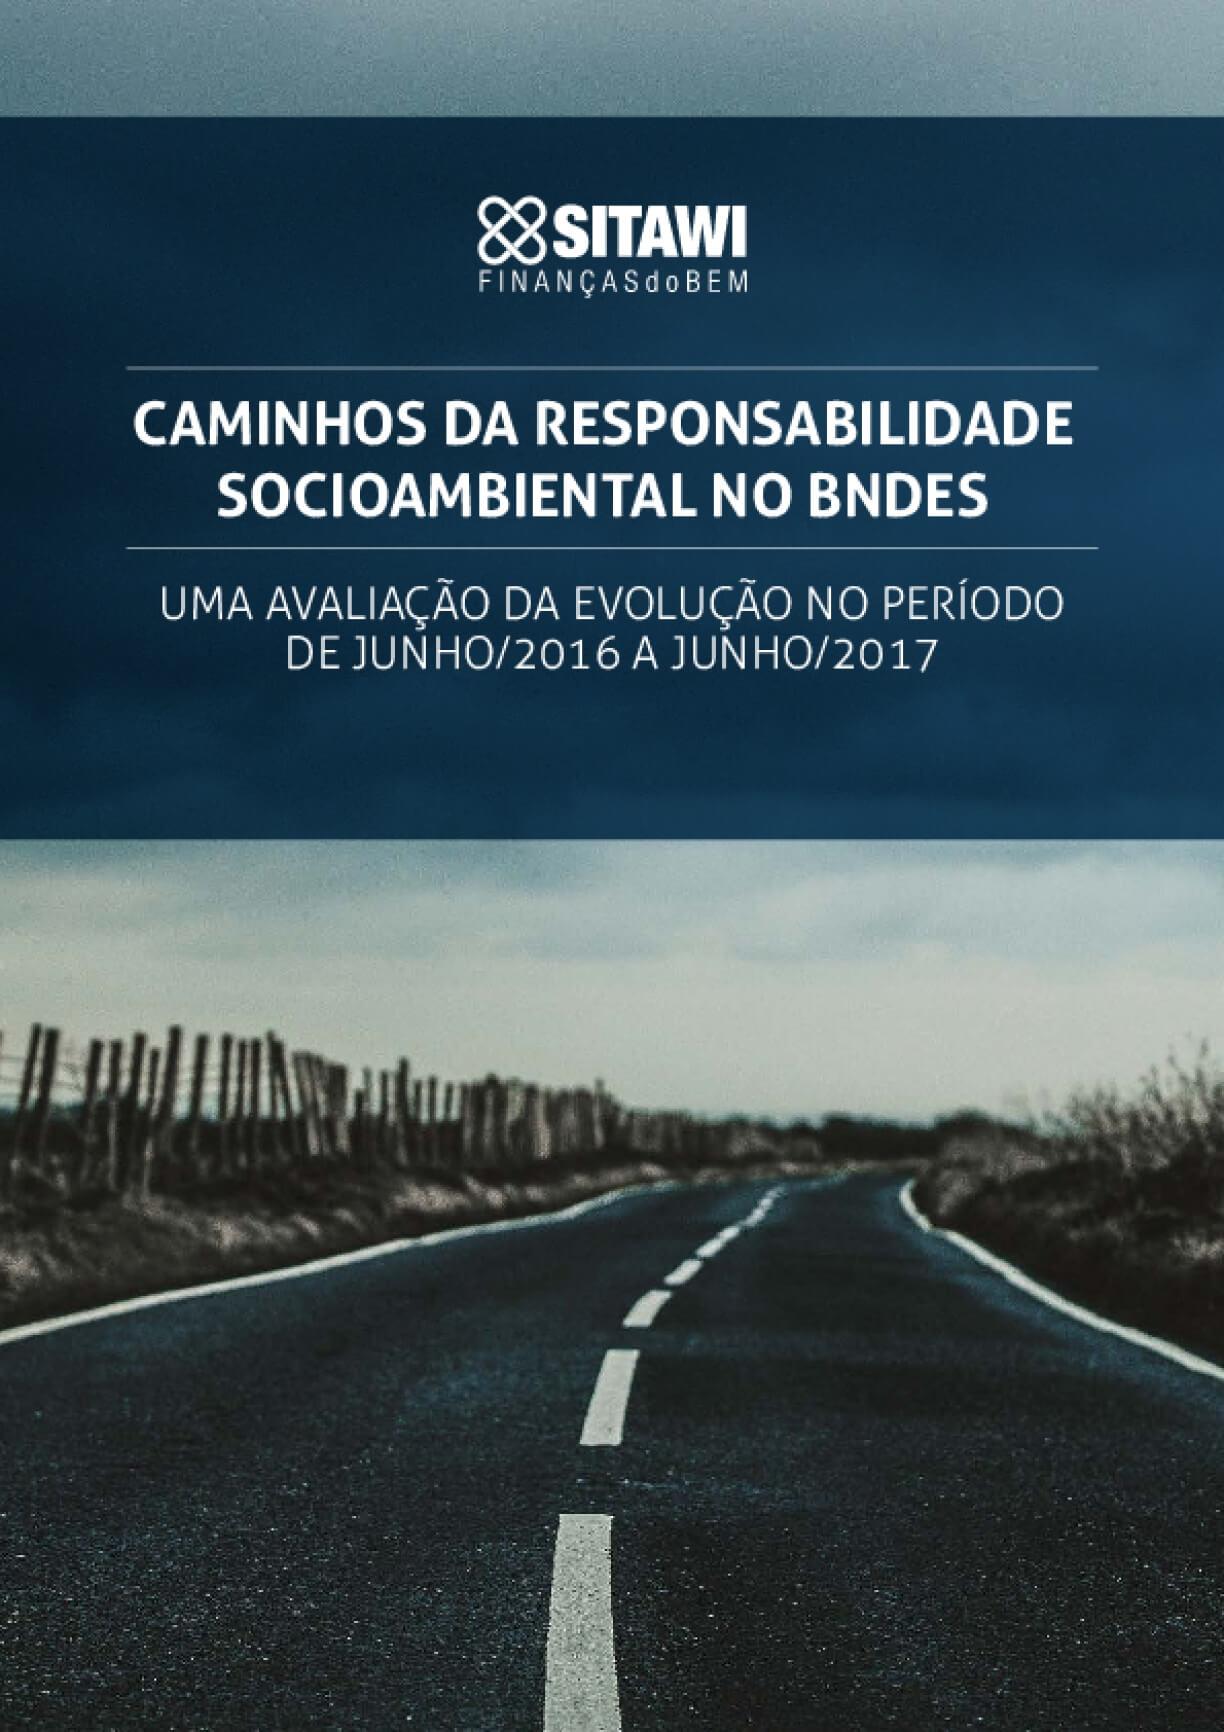 Caminhos Da Responsabilidade Socioambiental No Bndes - Uma Avaliação Da Evolução No Período De Junho/2016 a Junho/2017